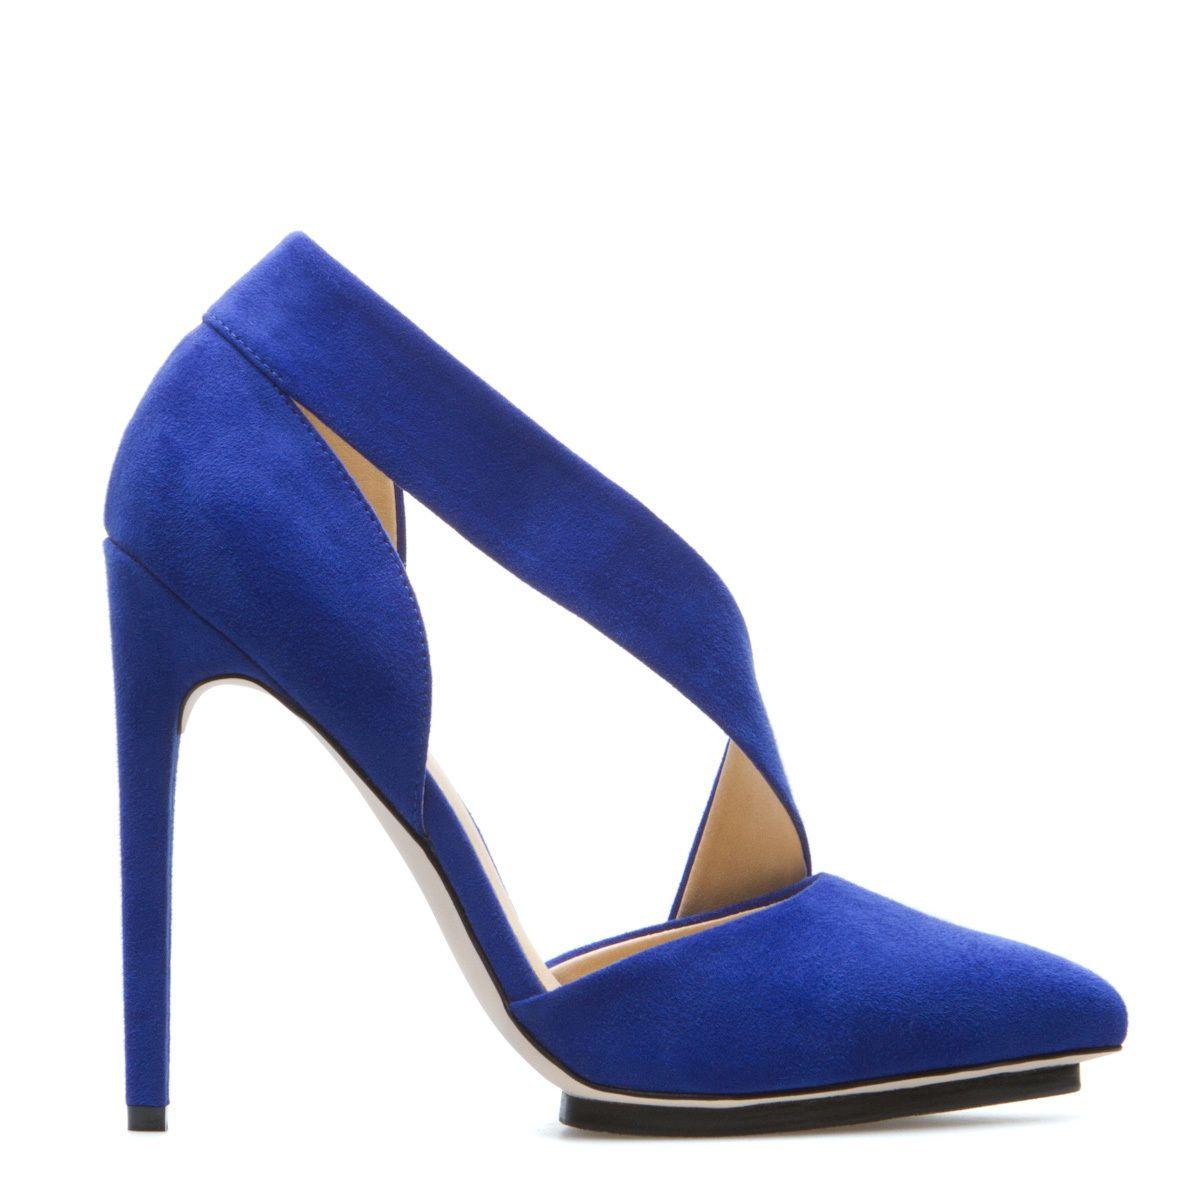 Gwen Stefani high heels | Heels, Gwen stefani shoes, High